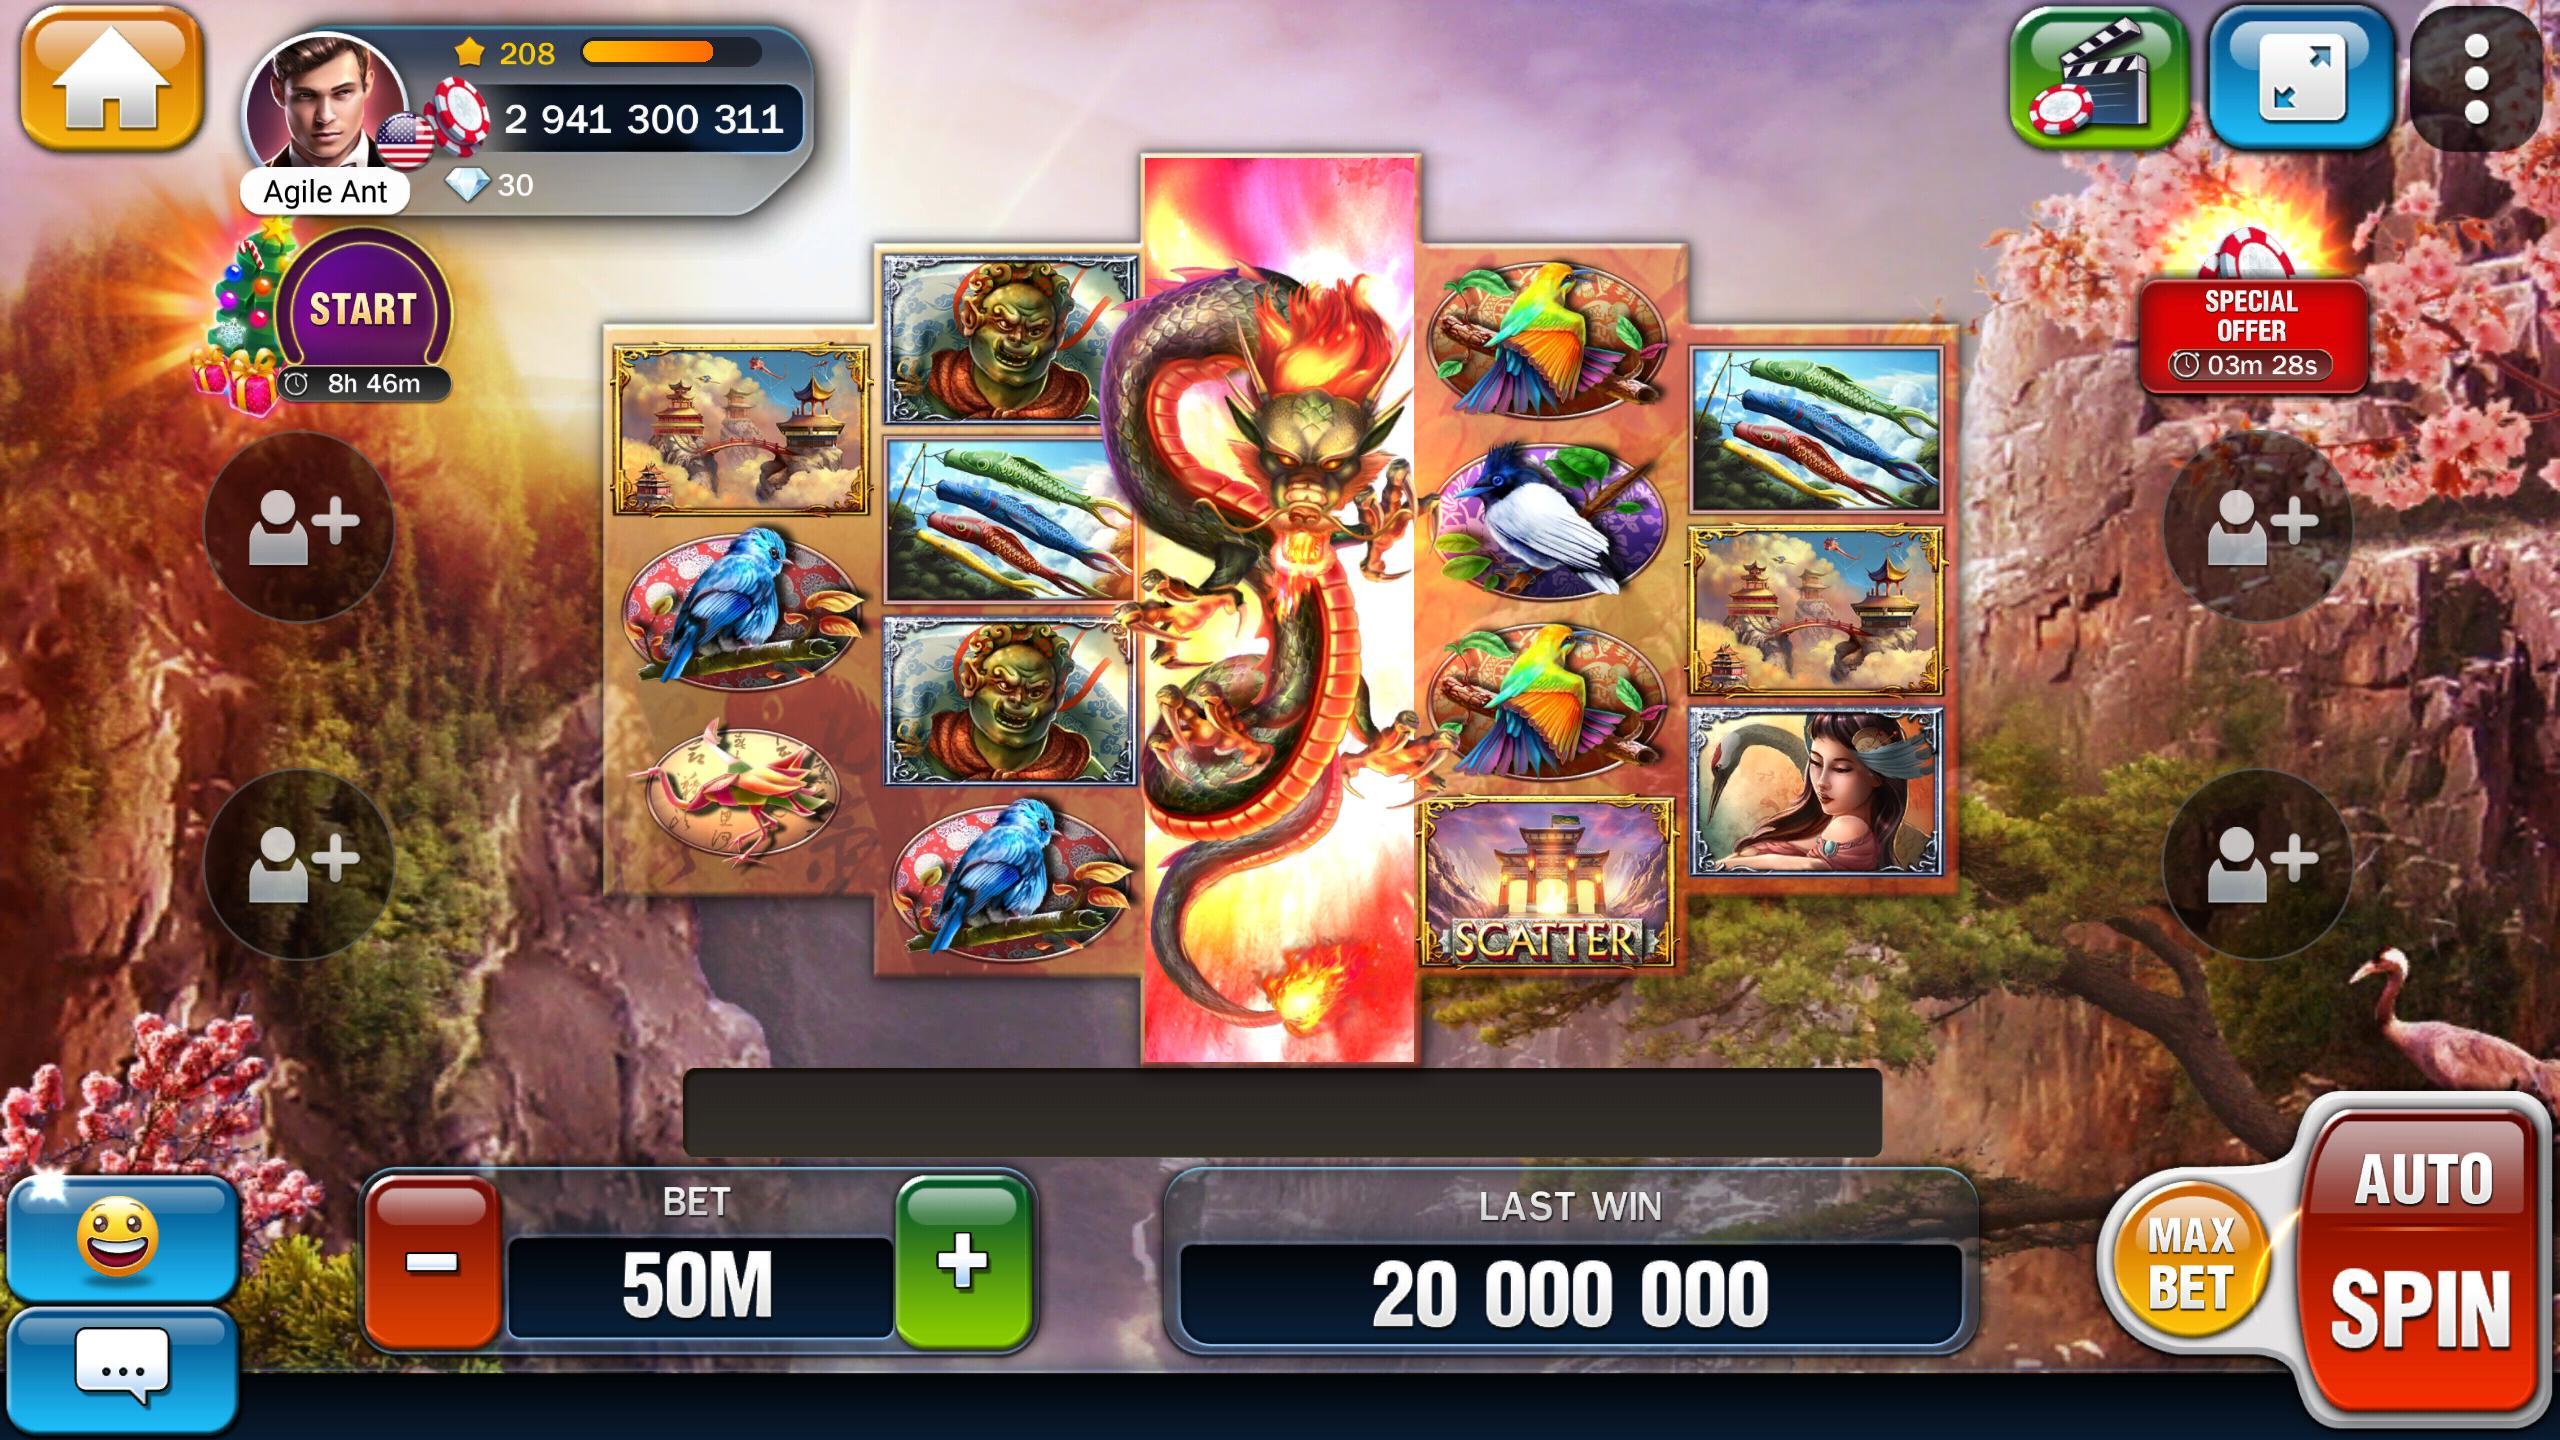 Huuuge Casino Slots - Best Slot Machines 6.1.2700 Screenshot 6